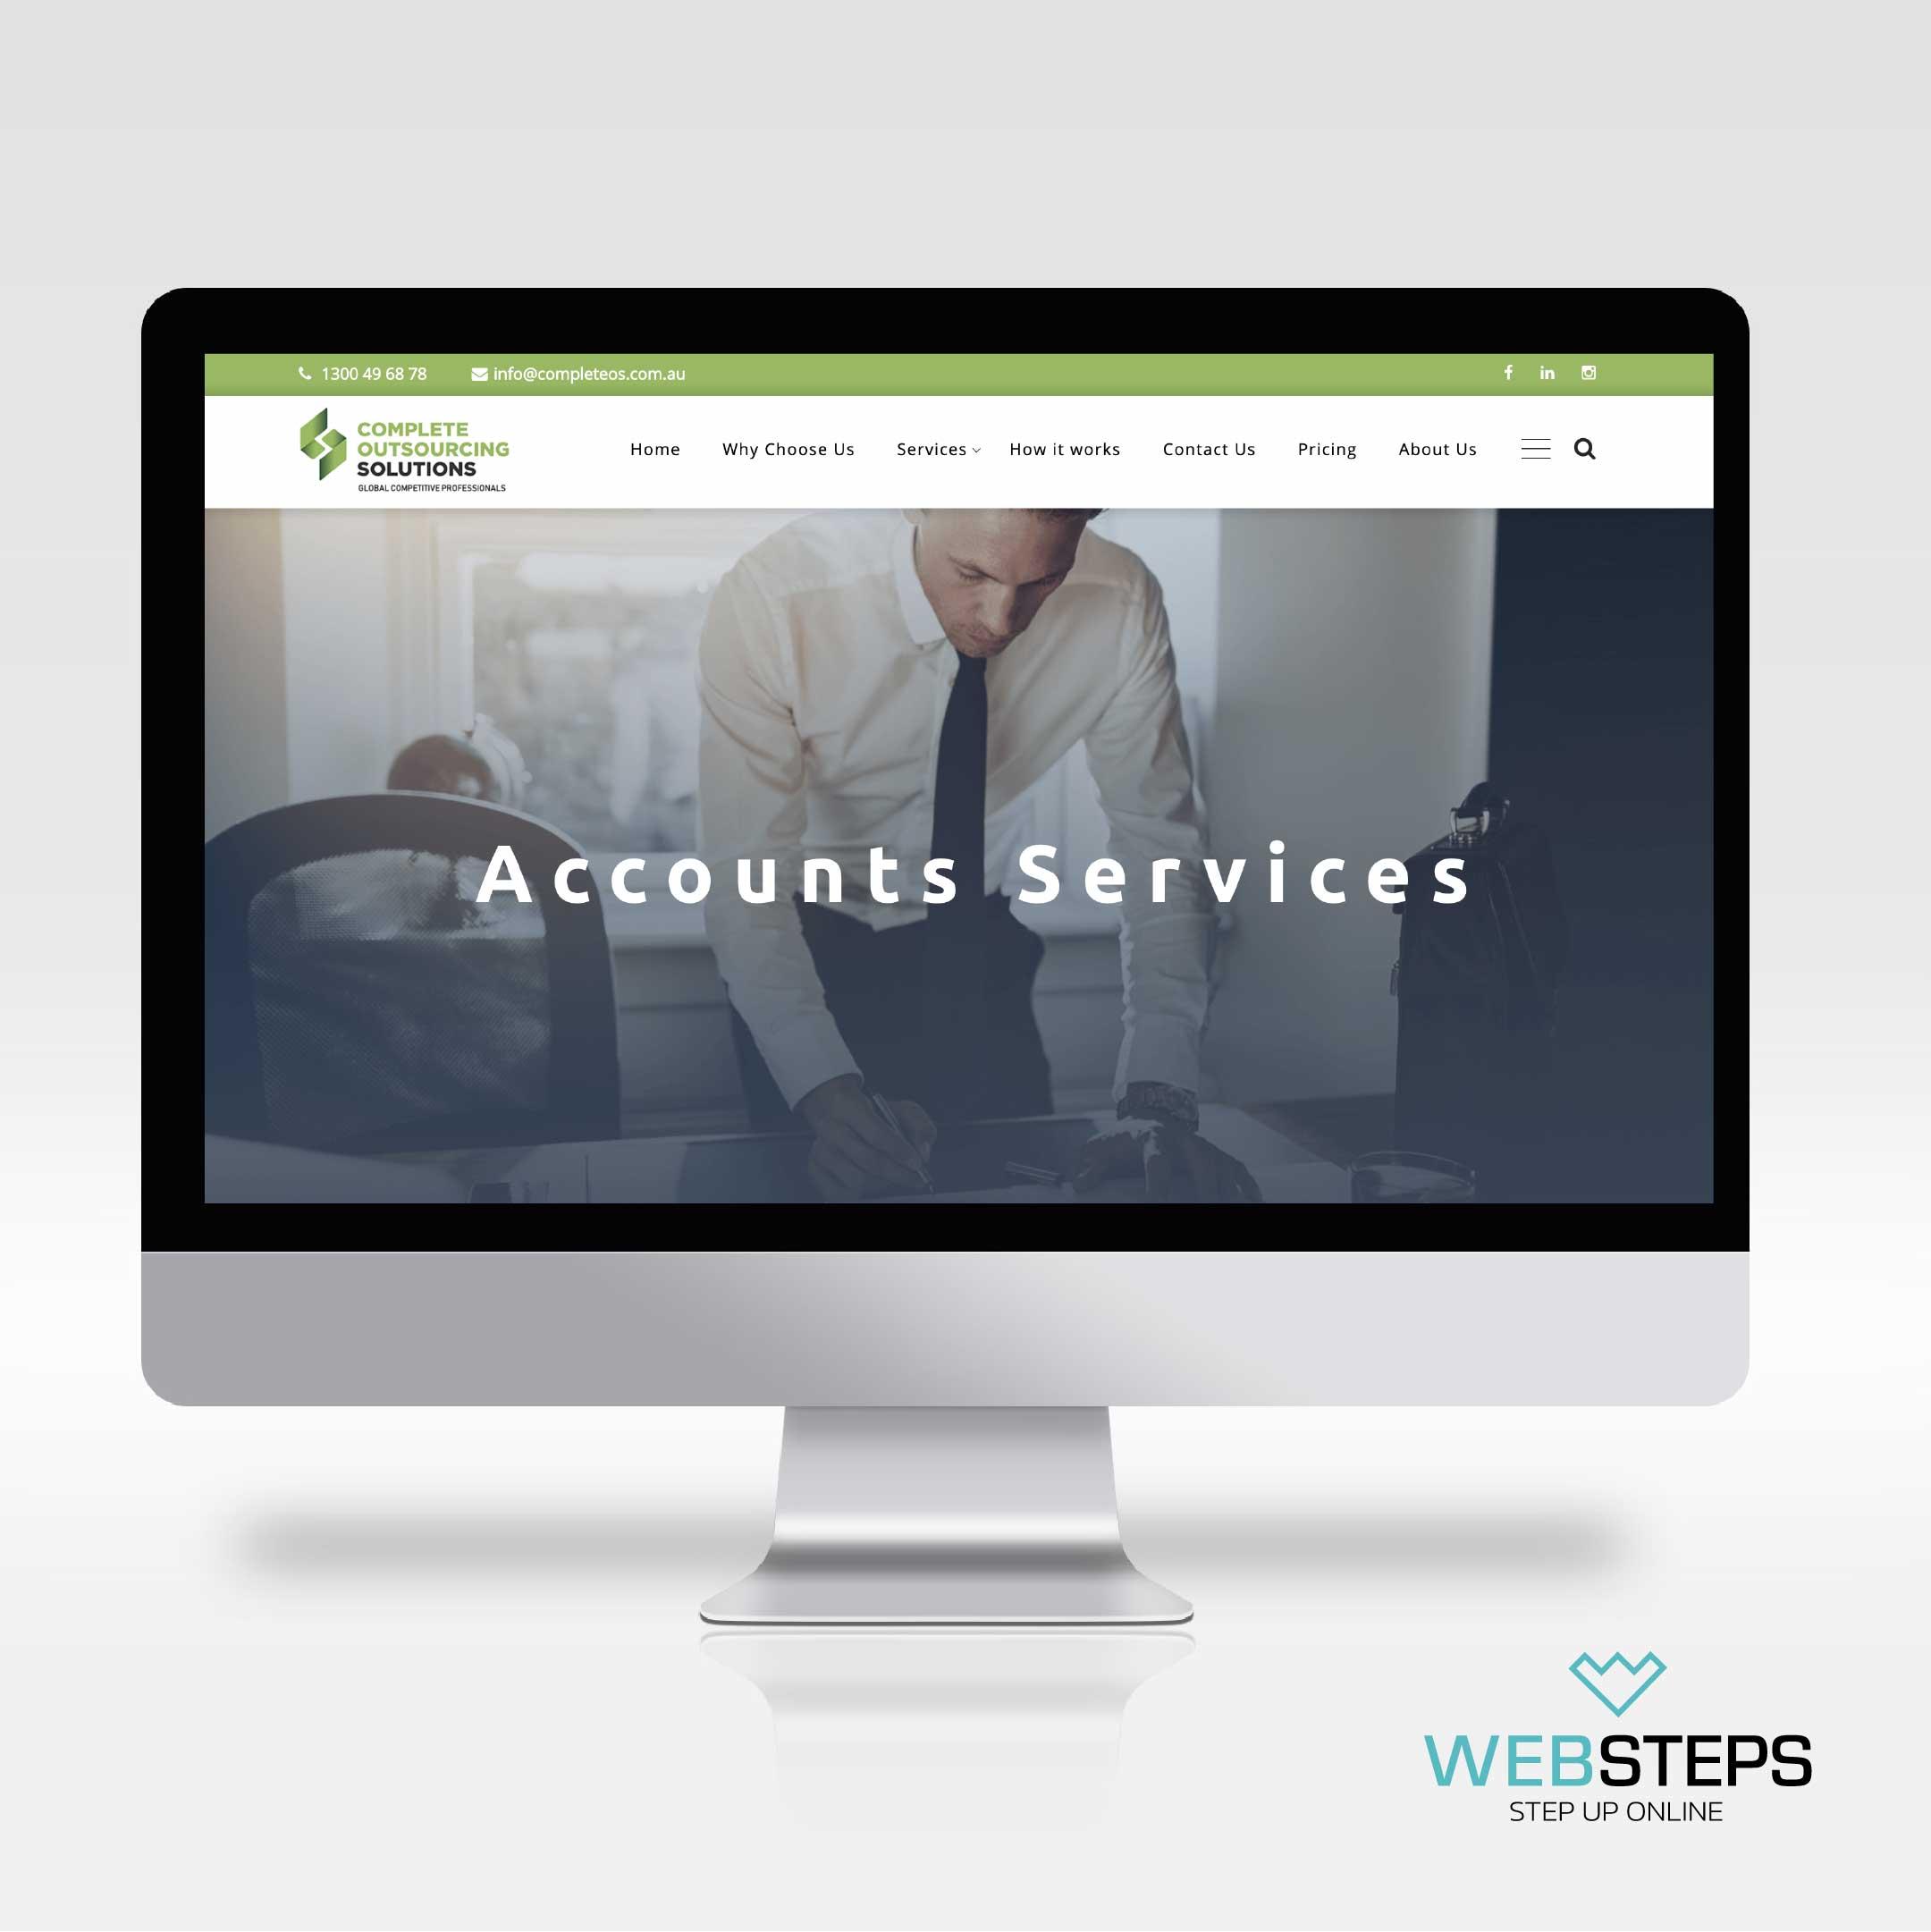 websteps-complete-outsourcing-solution-website